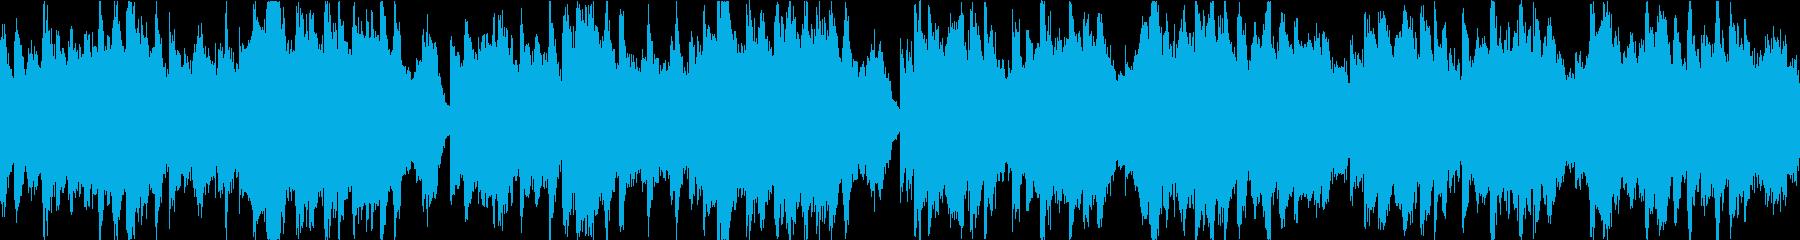 クラシック楽器。 JSバッハのスタ...の再生済みの波形